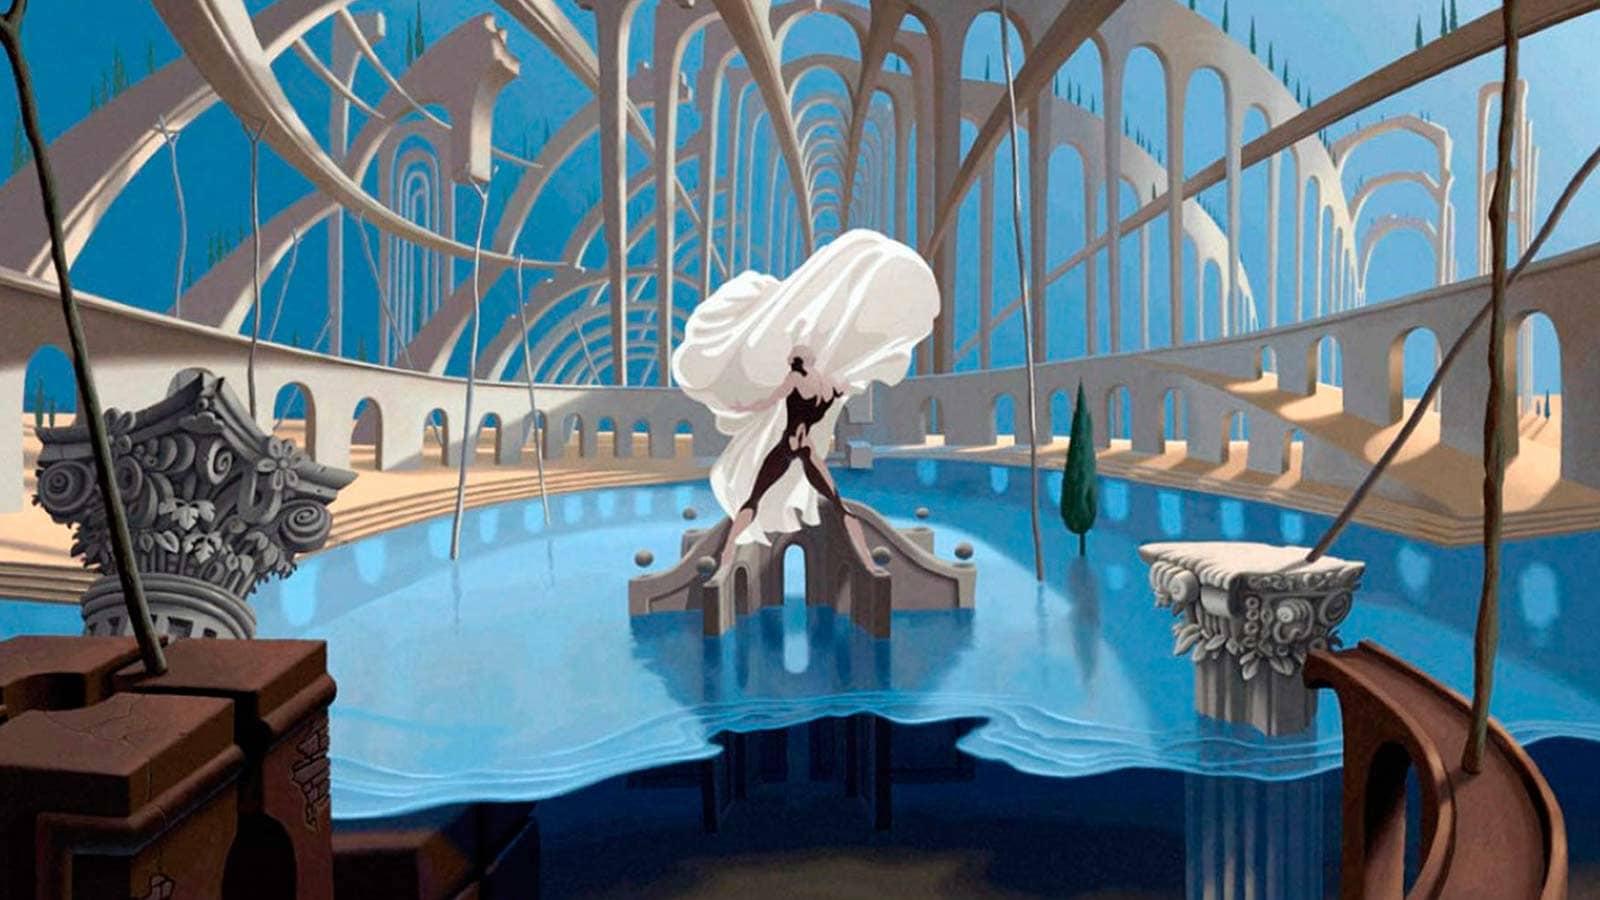 Destino di Walt Disney e Salvador Dalí